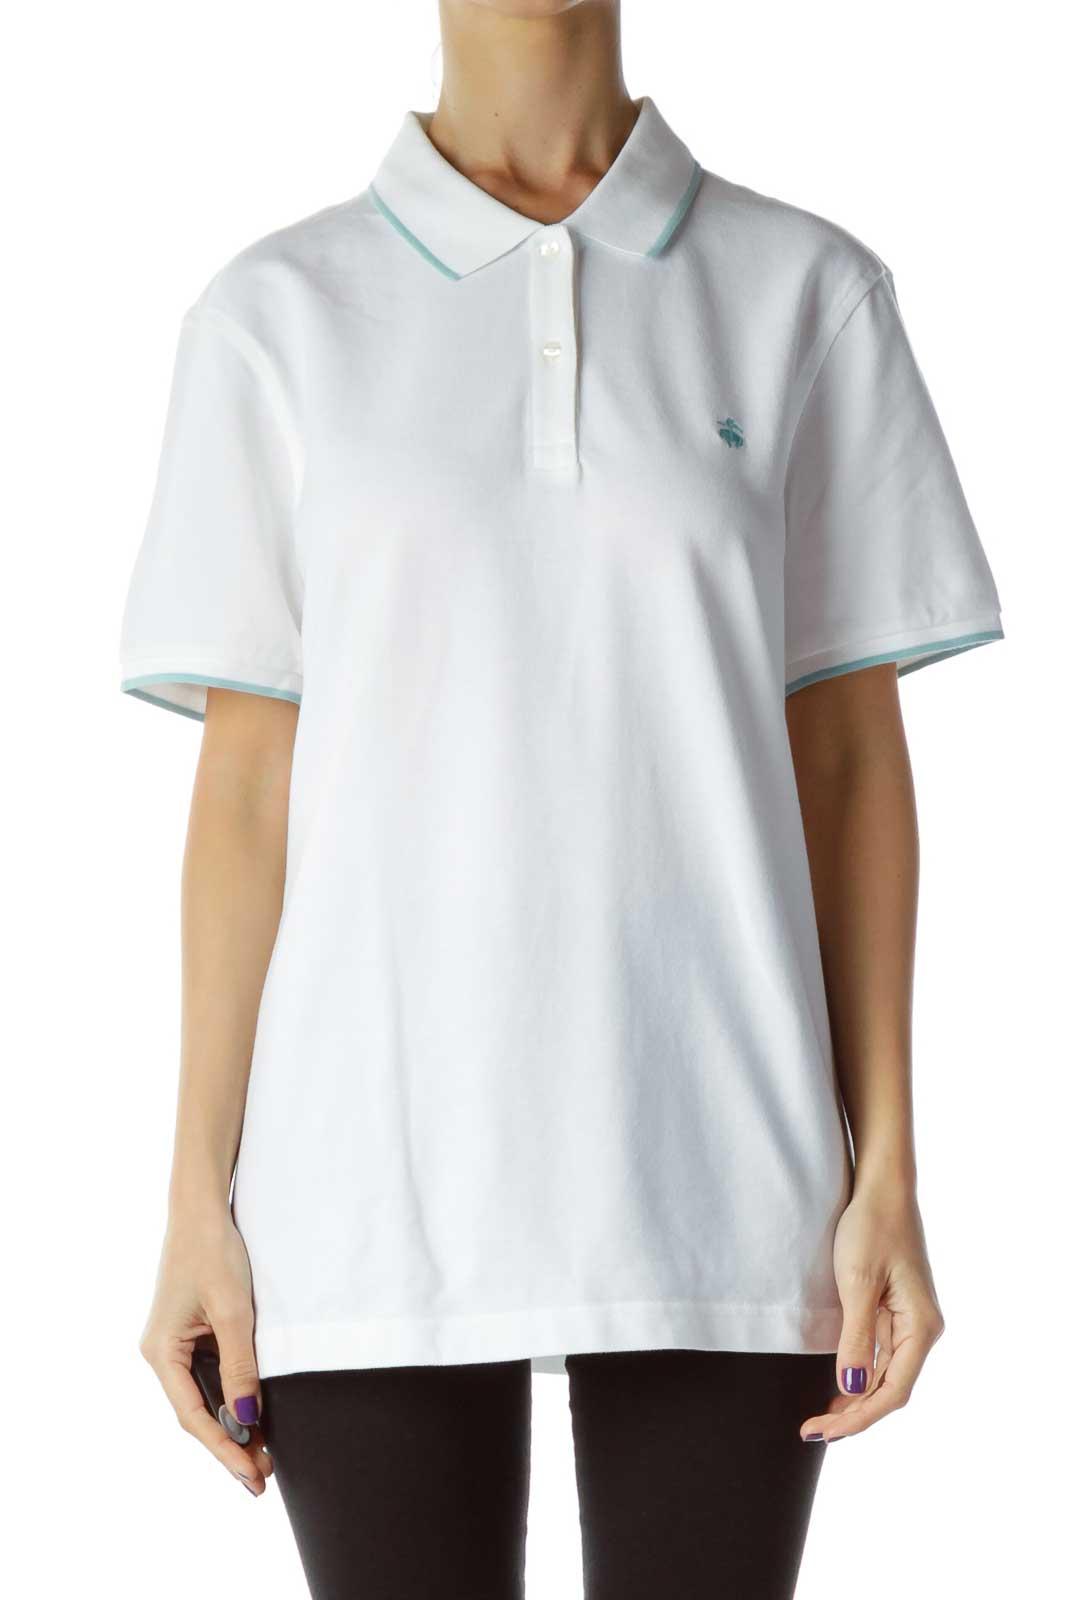 White Polo Shirt Front